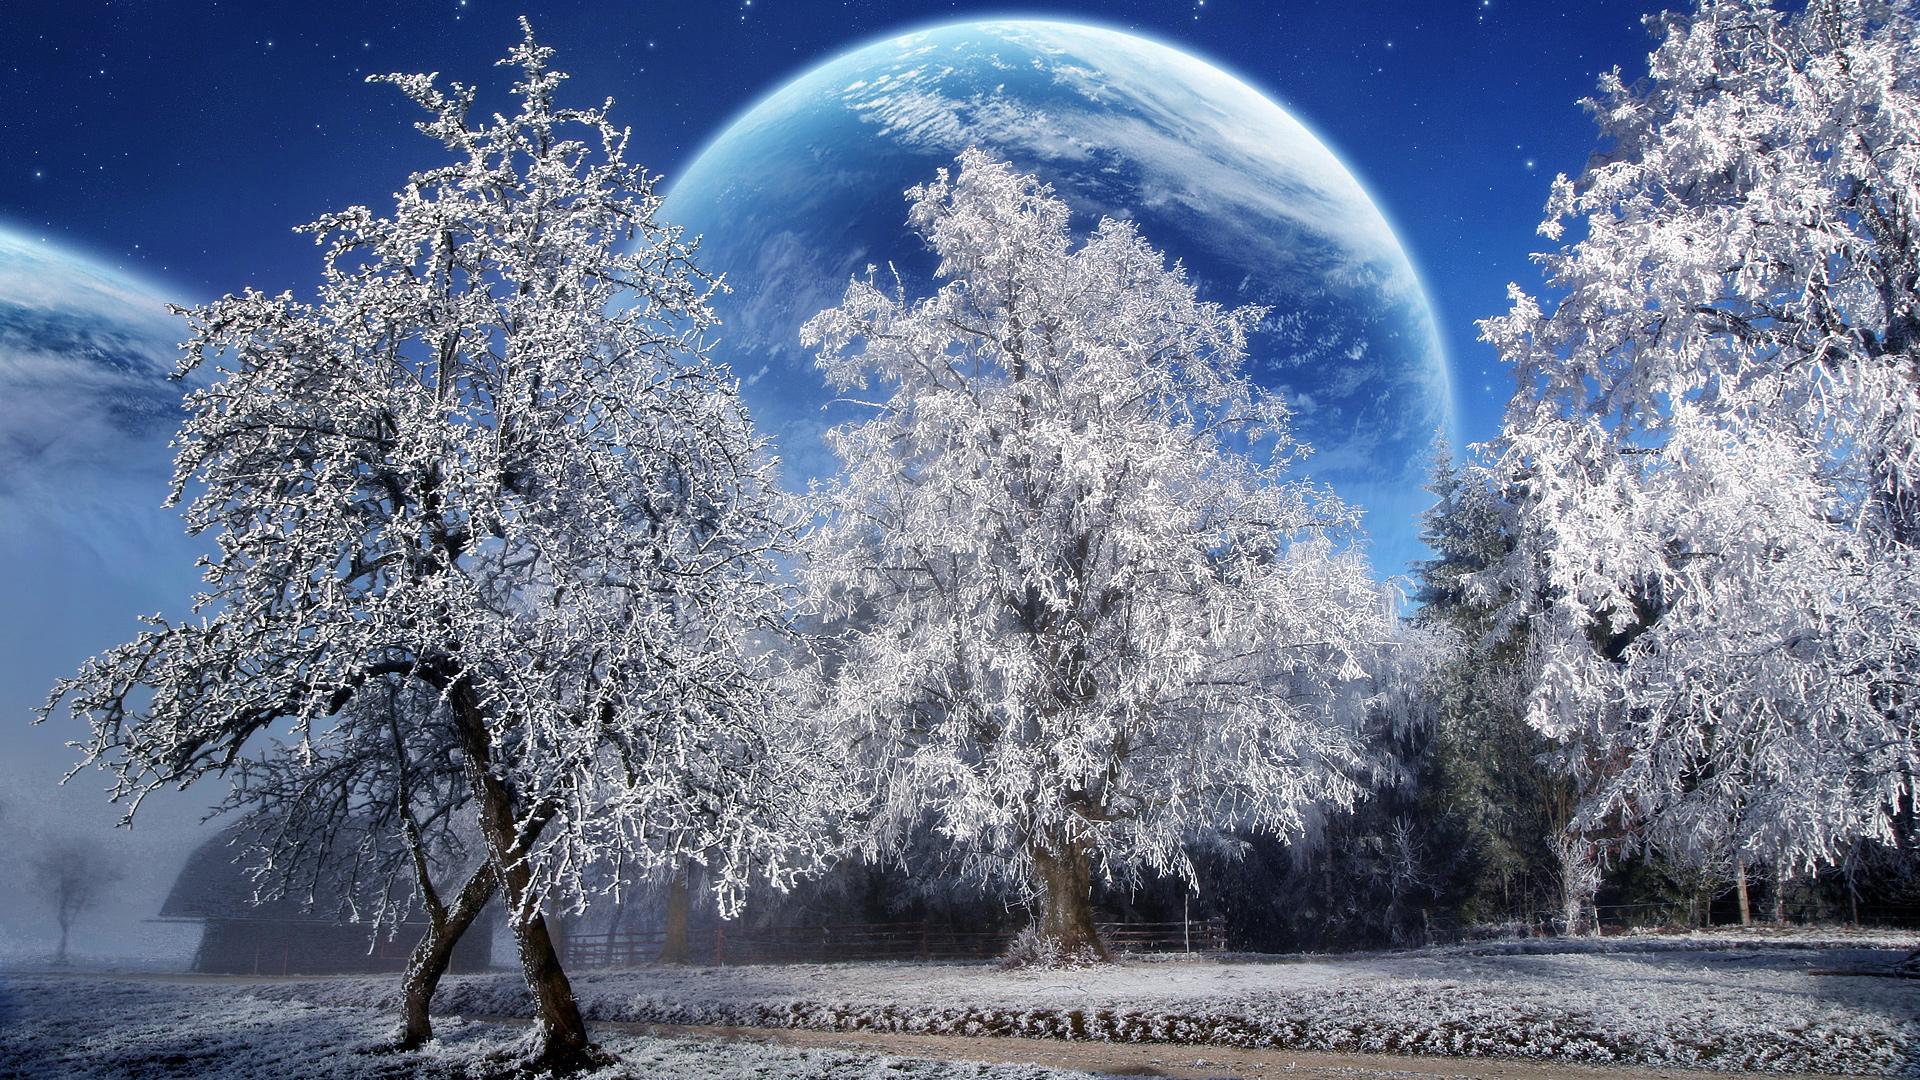 Winter HD 1920x1080 1920x1080